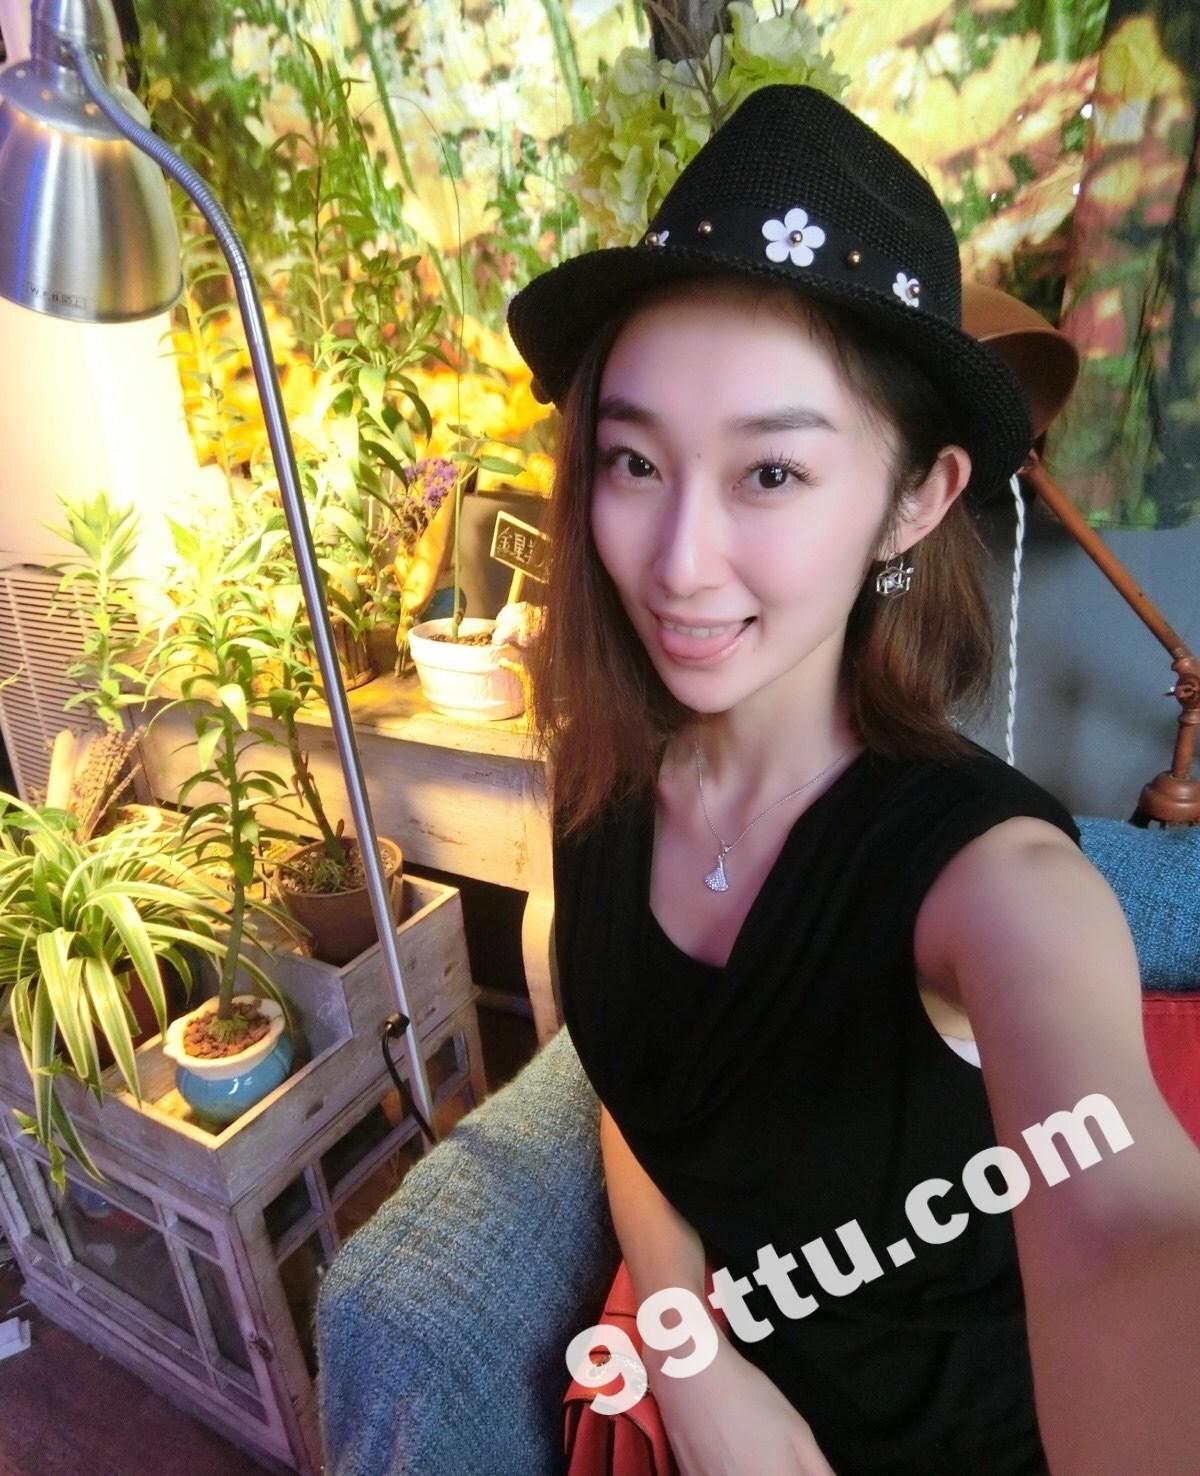 KK81_440张 真实平常美女微商营销素材生活照-6